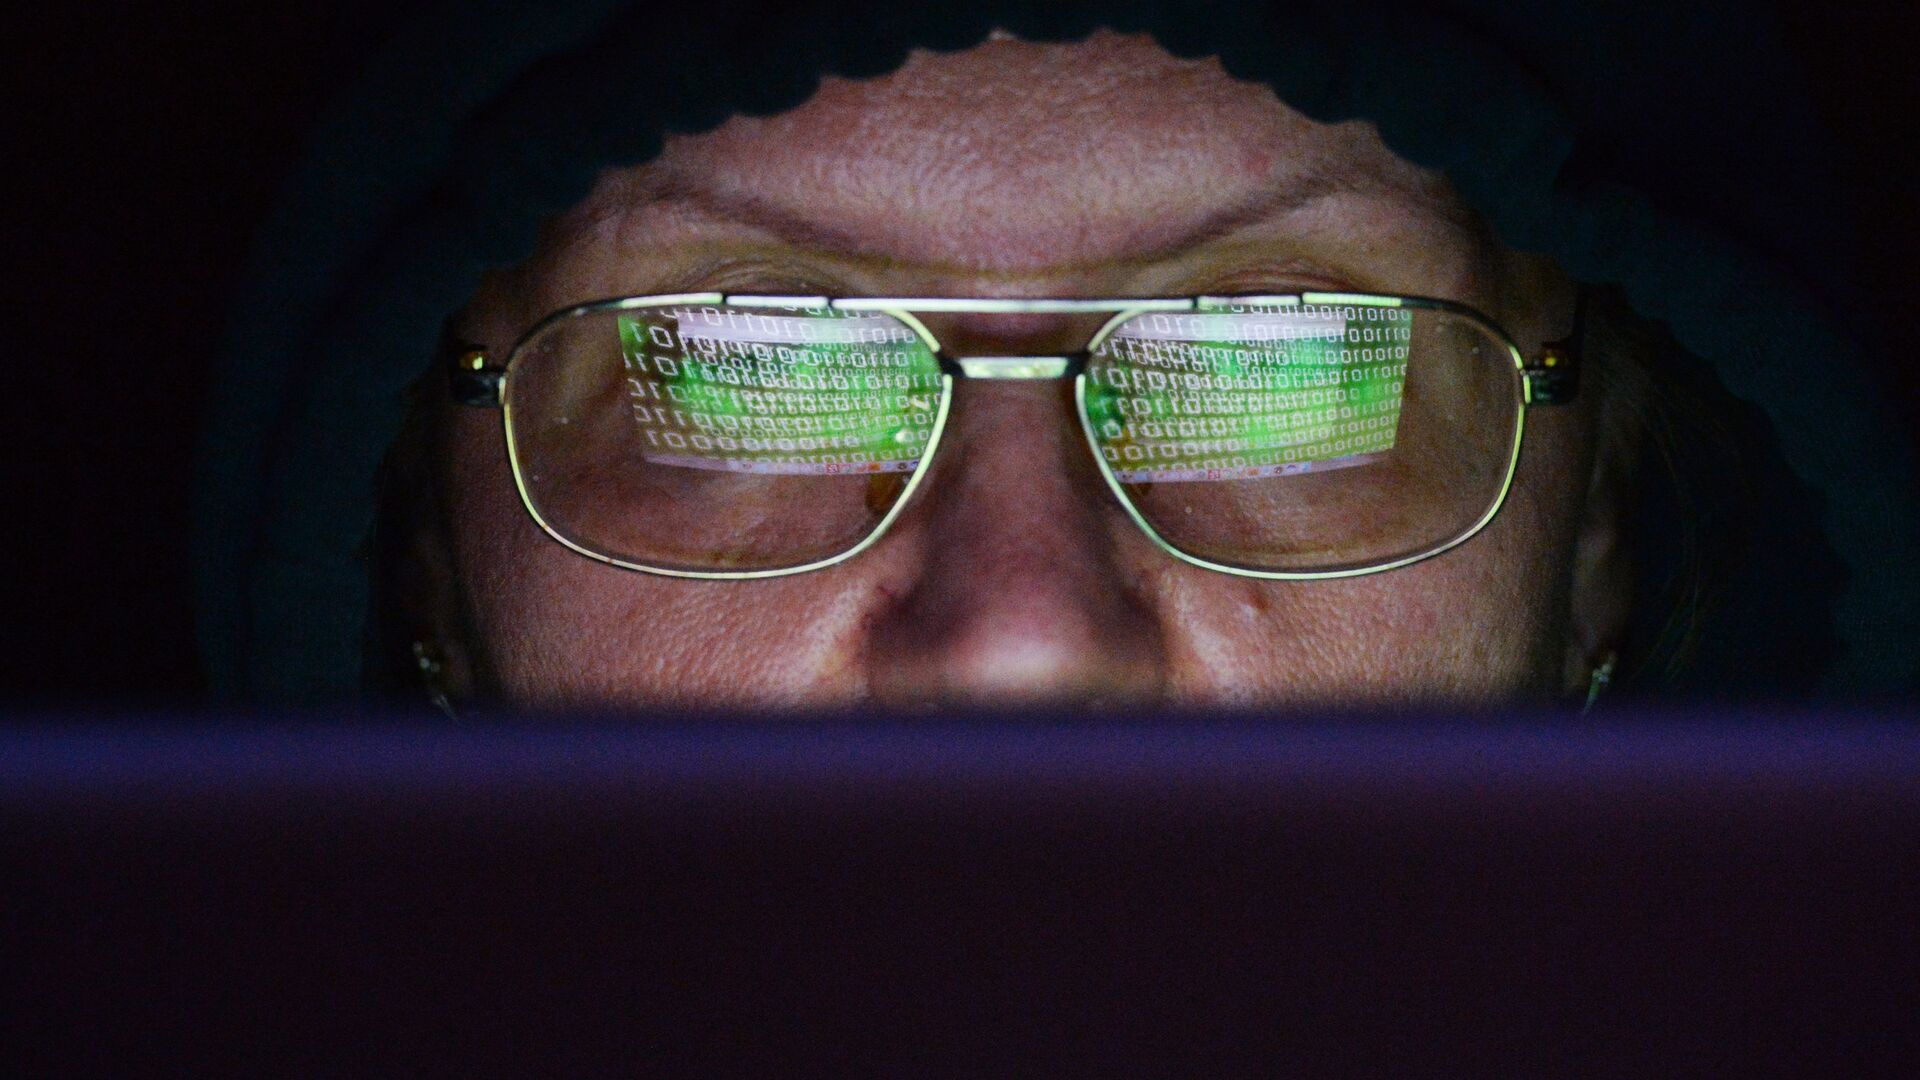 Женщина сидит за ноутбуком. Глобальная атака вируса-вымогателя поразила IT-системы компаний в нескольких странах мира - РИА Новости, 1920, 18.09.2020